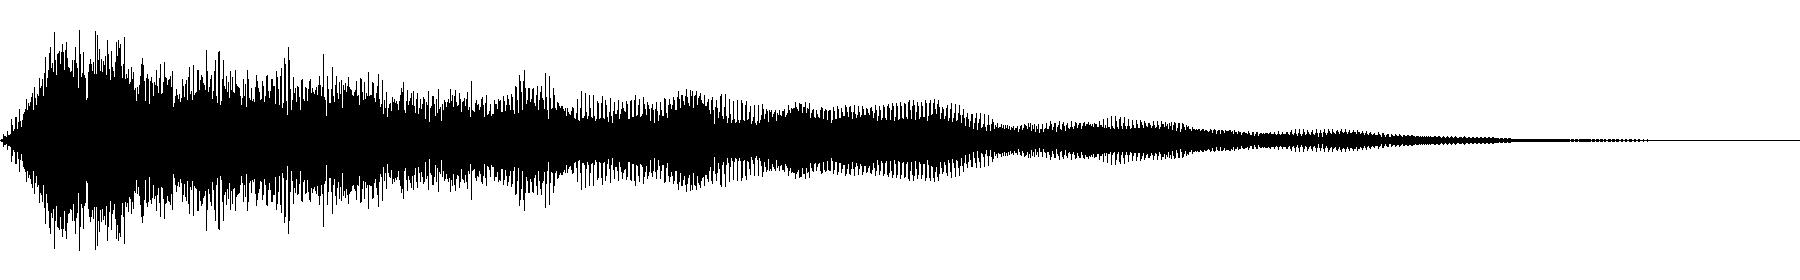 vfx1 atmos 72